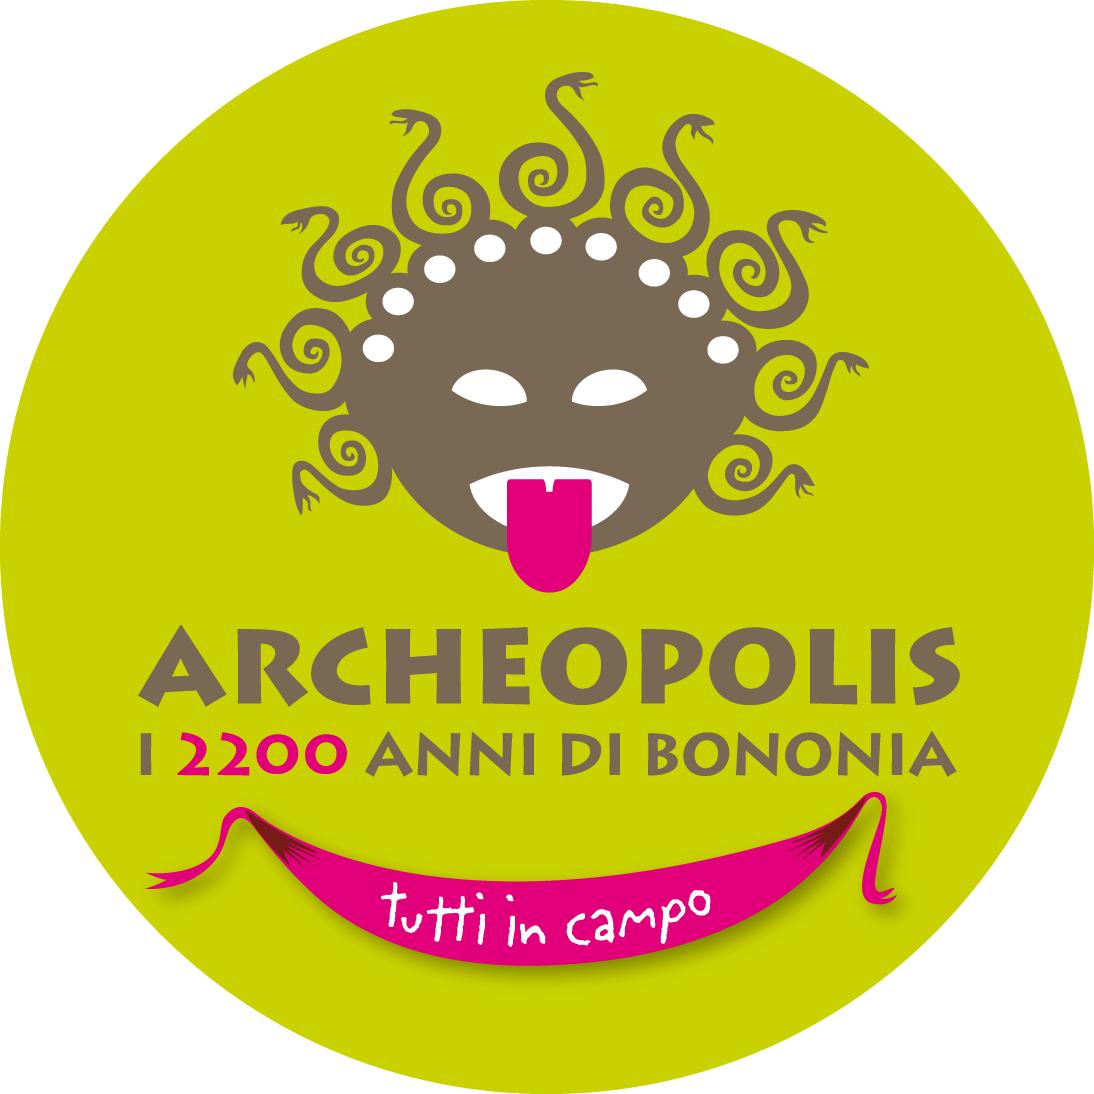 logo-archeopolis-tutti-in-campo